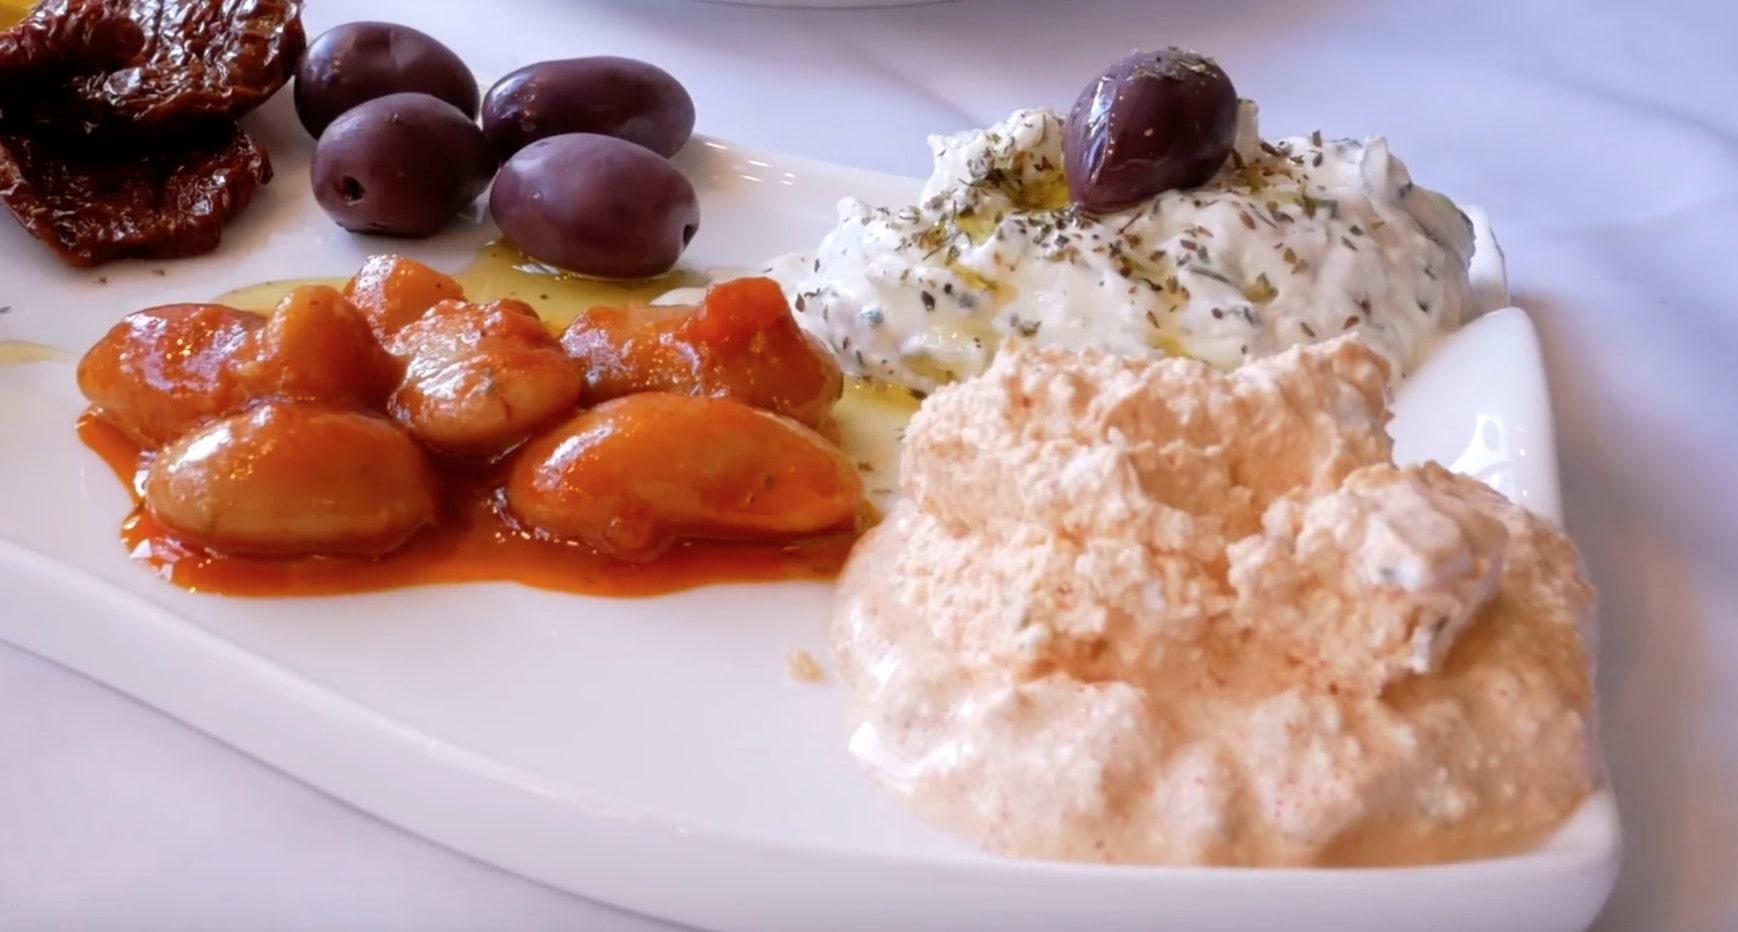 У бобов ярко выражен томатный привкус и привкус оливковое масла. Печеные бобы вкусные.